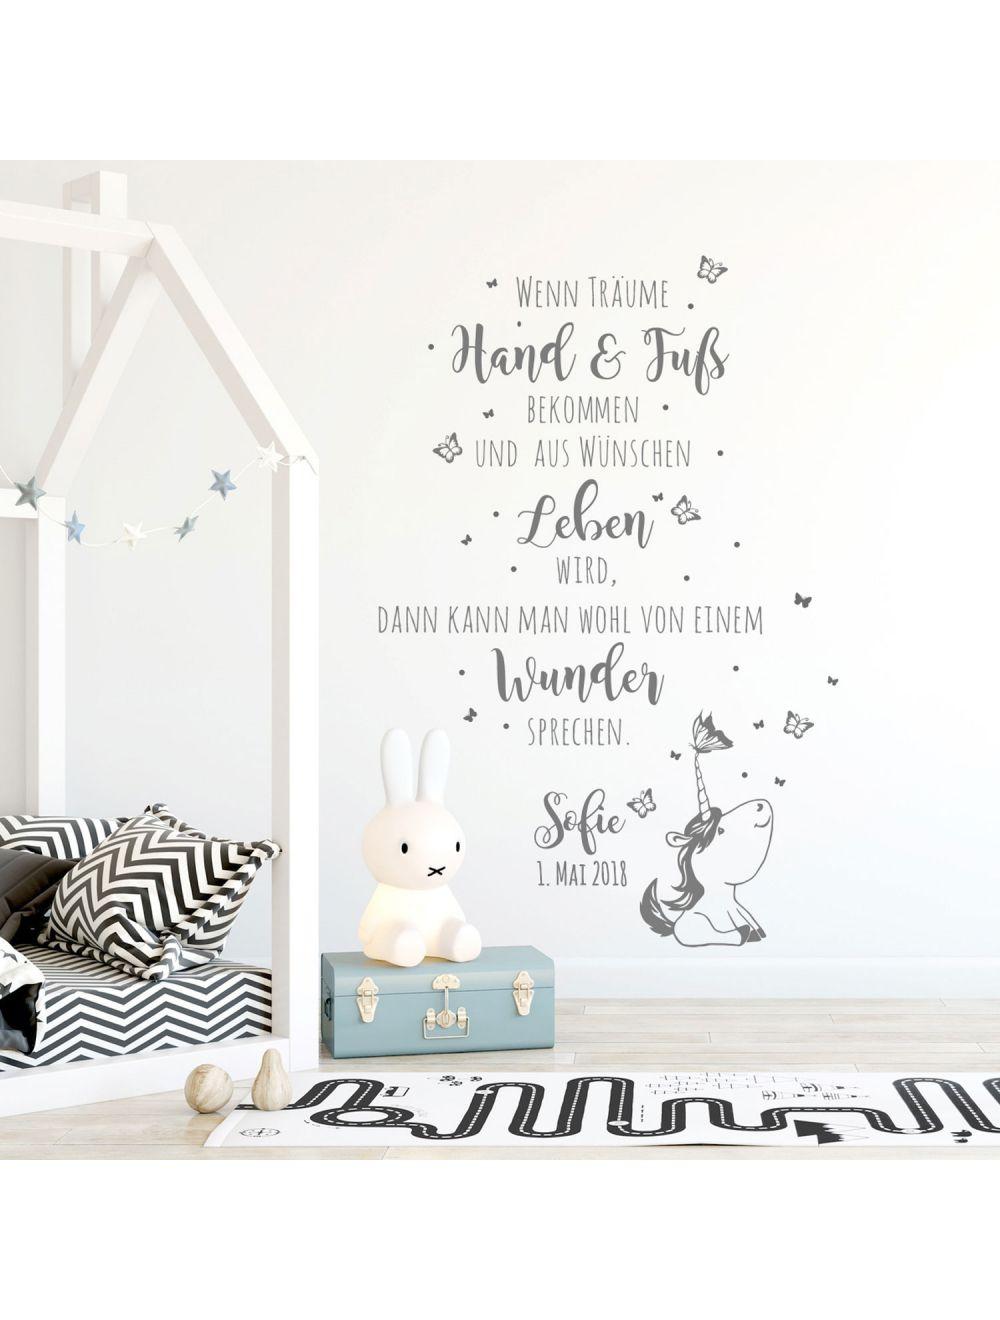 Wandtattoo Babyzimmer Spruch Einhorn Zitat Schmetterlinge Kinderzimmer Wanddeko Wandgestaltung Mit Namen Datum M2339